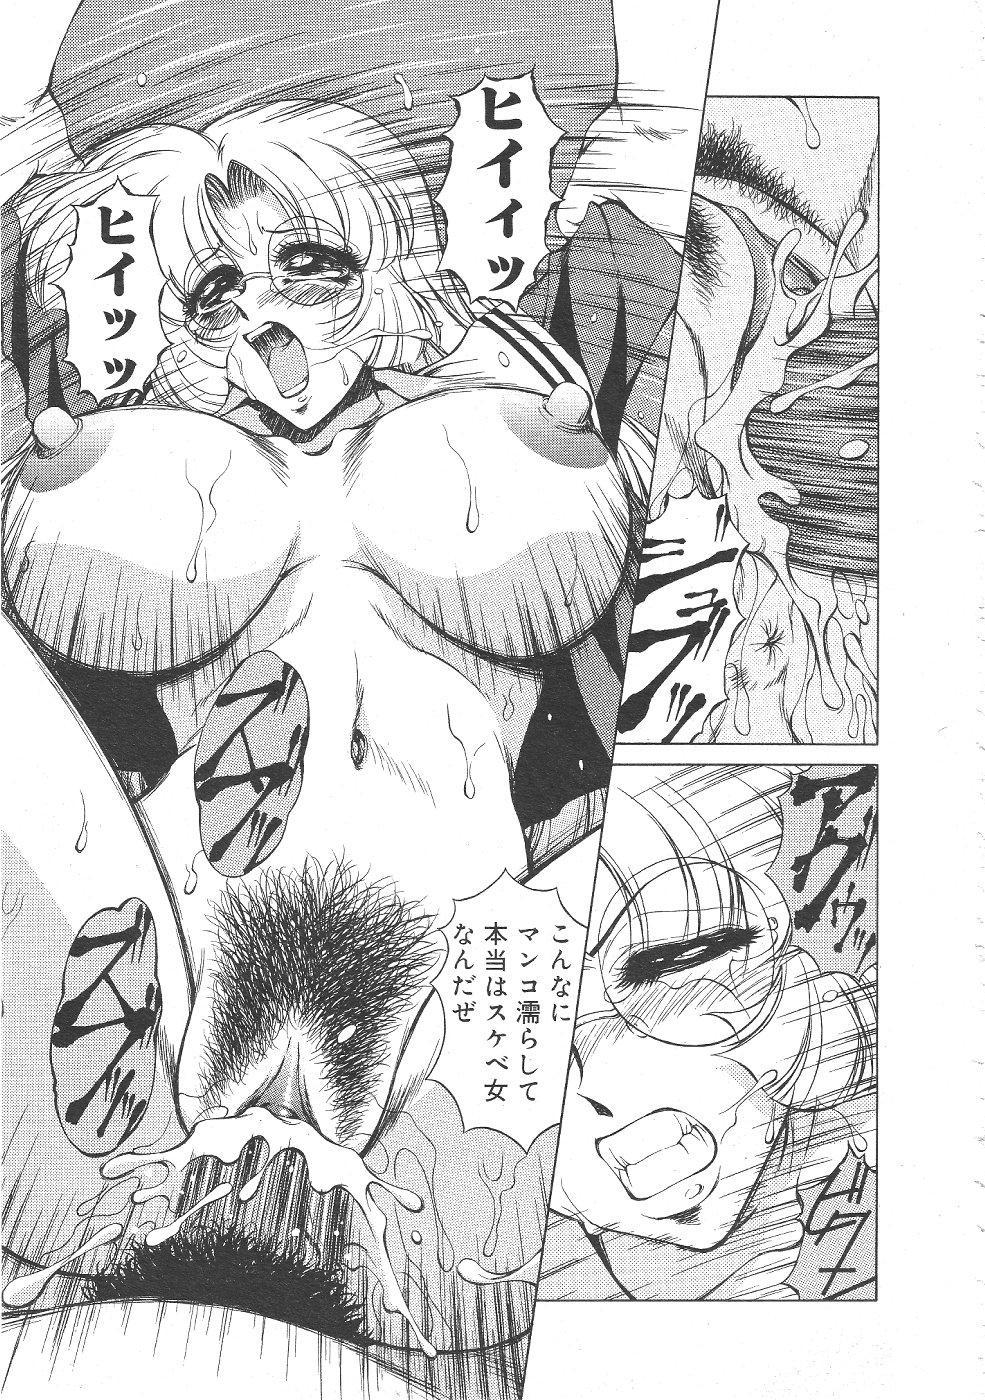 Gekkan Comic Muga 2004-06 Vol.10 324